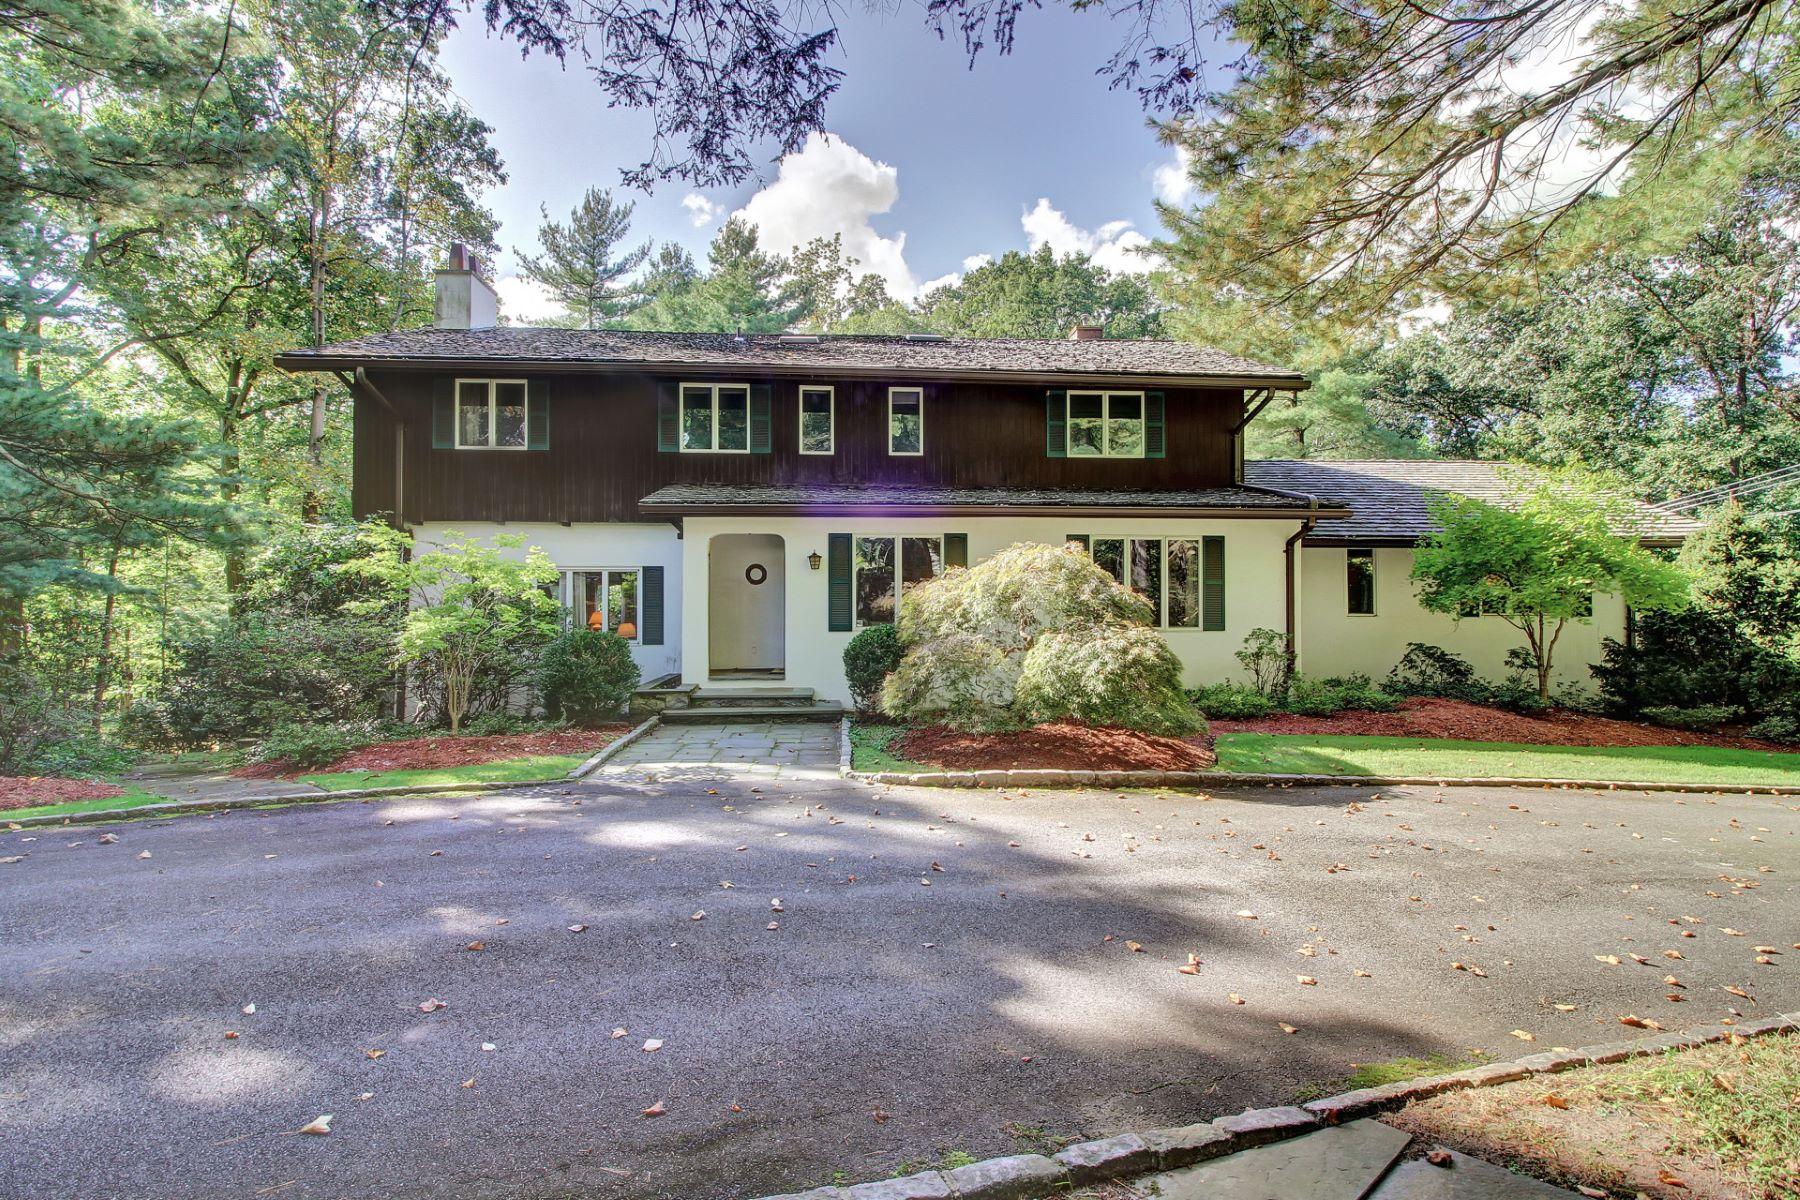 واحد منزل الأسرة للـ Sale في Alpine's Most Desirable Street 59 Robin Lane, Alpine, New Jersey, 07620 United States